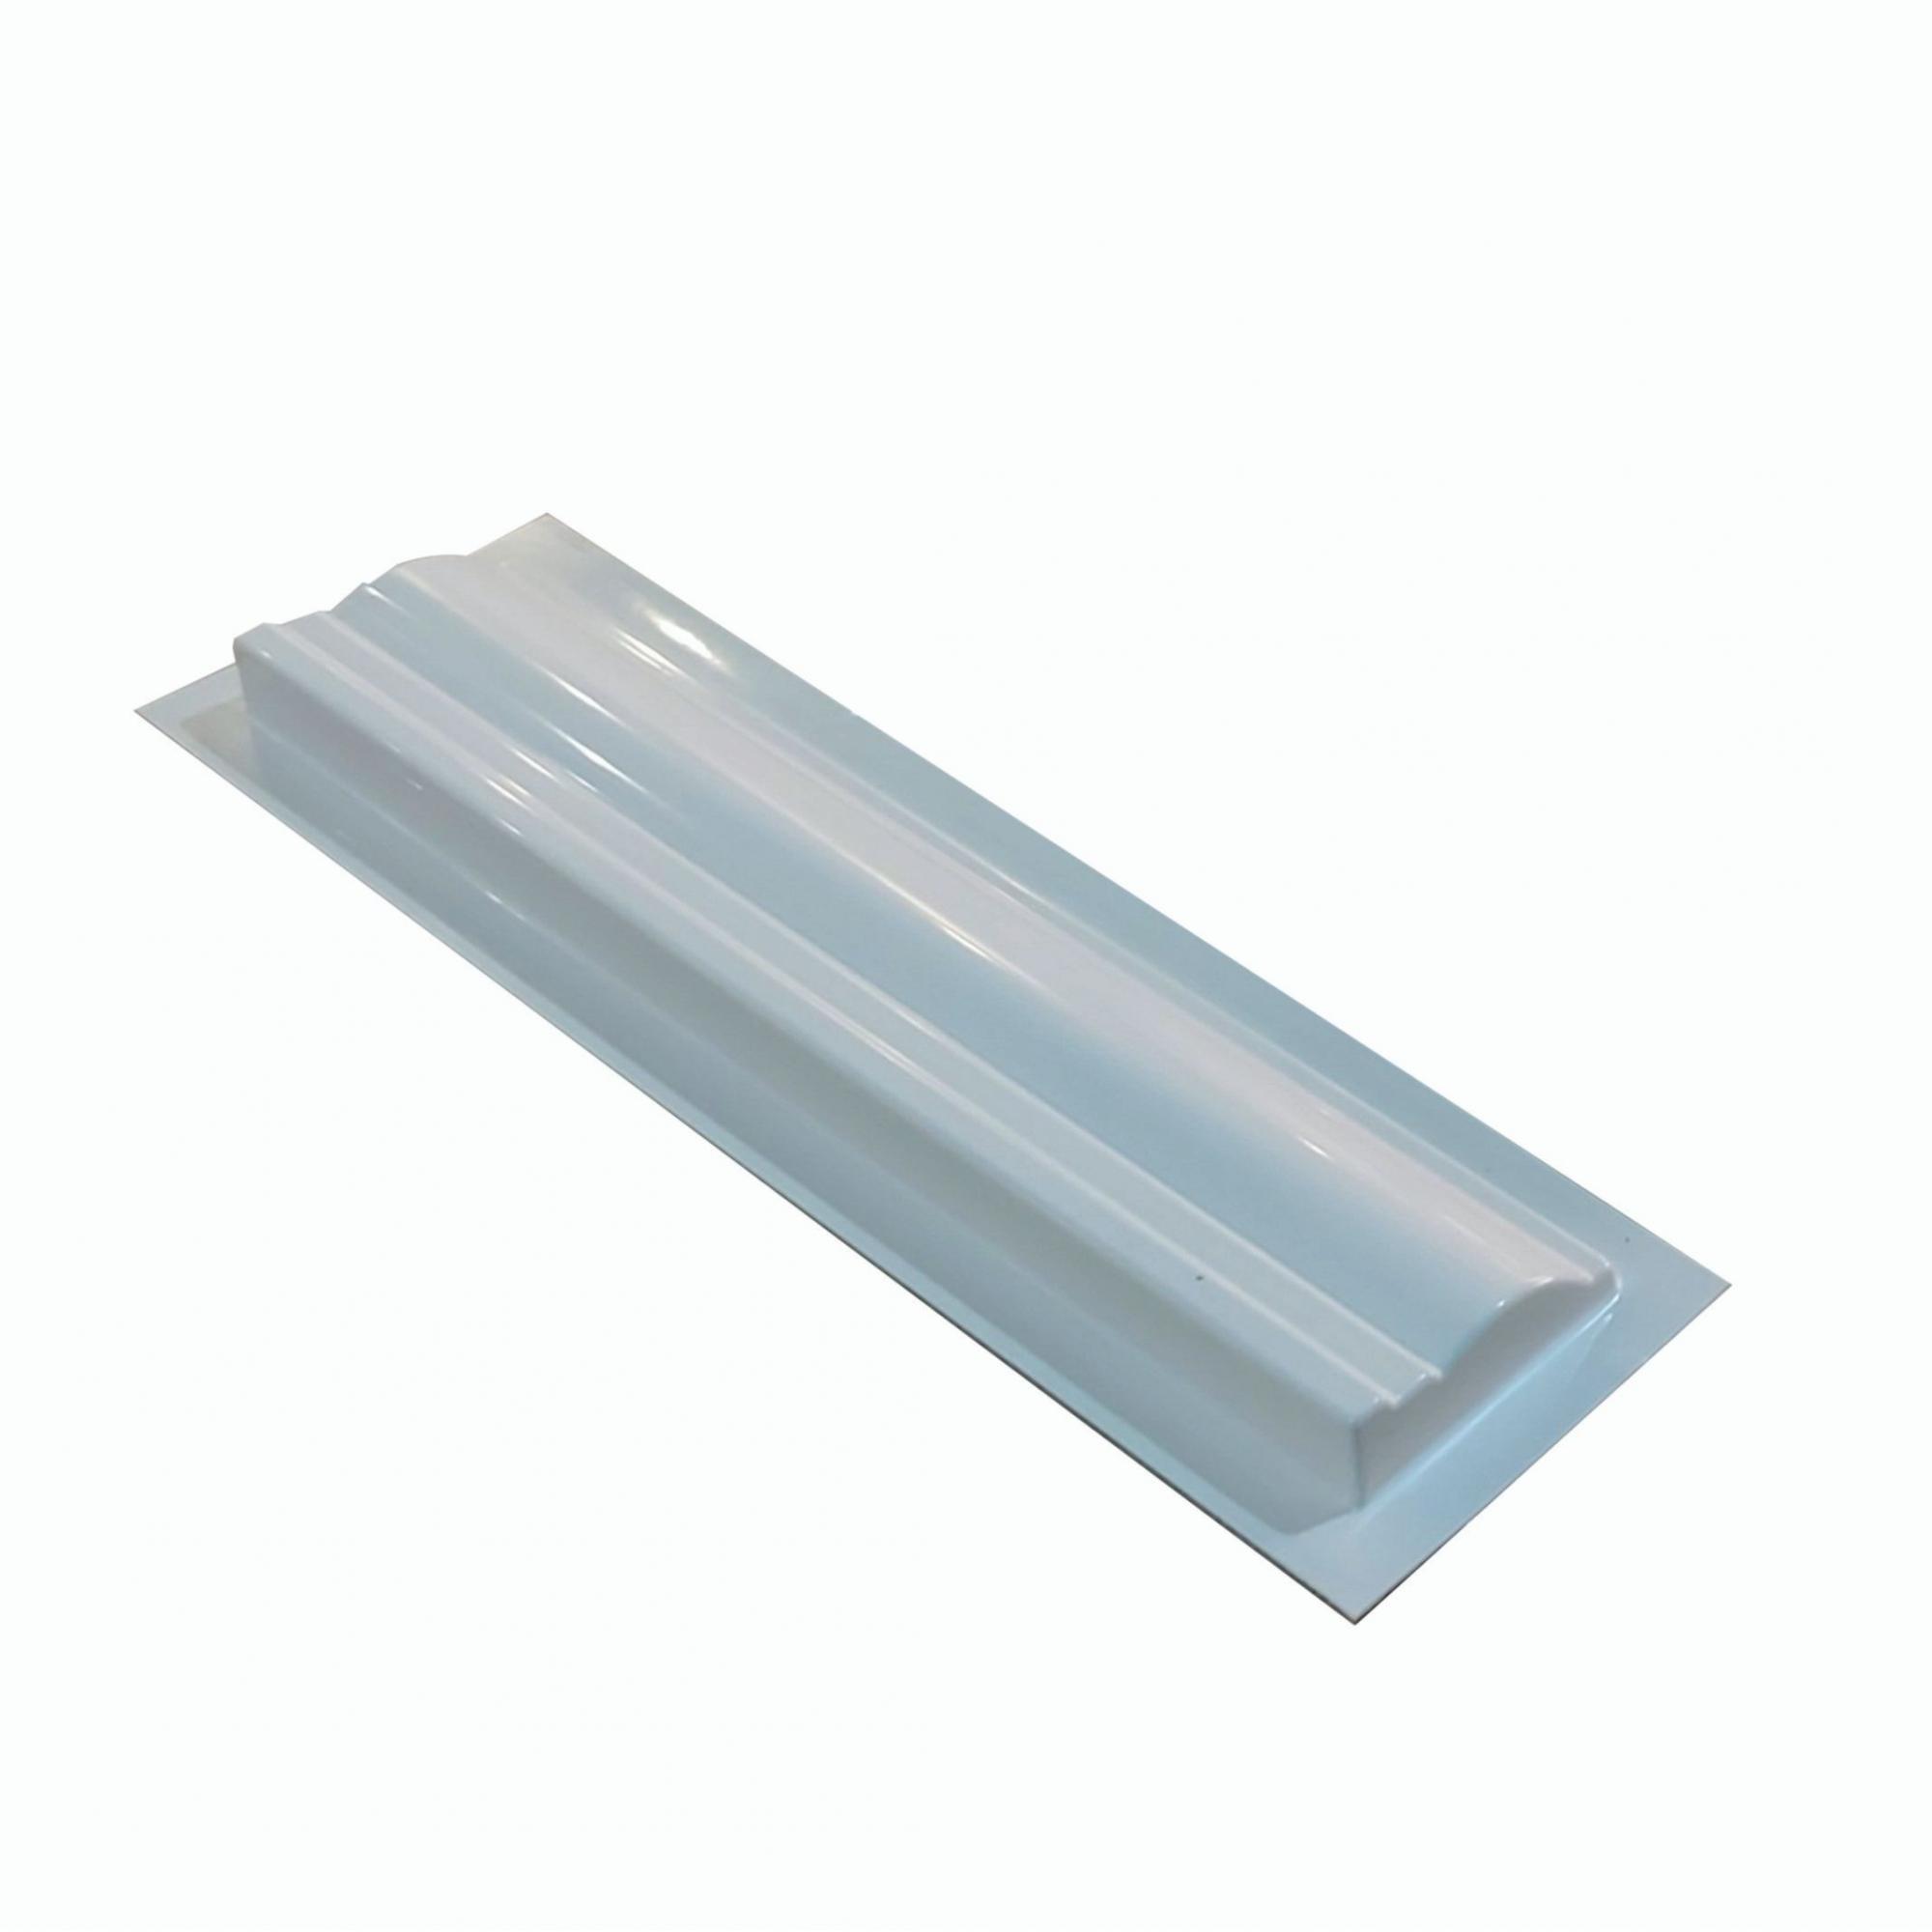 Forma para moldura de rodateto - MO0003- 2MM 10x3